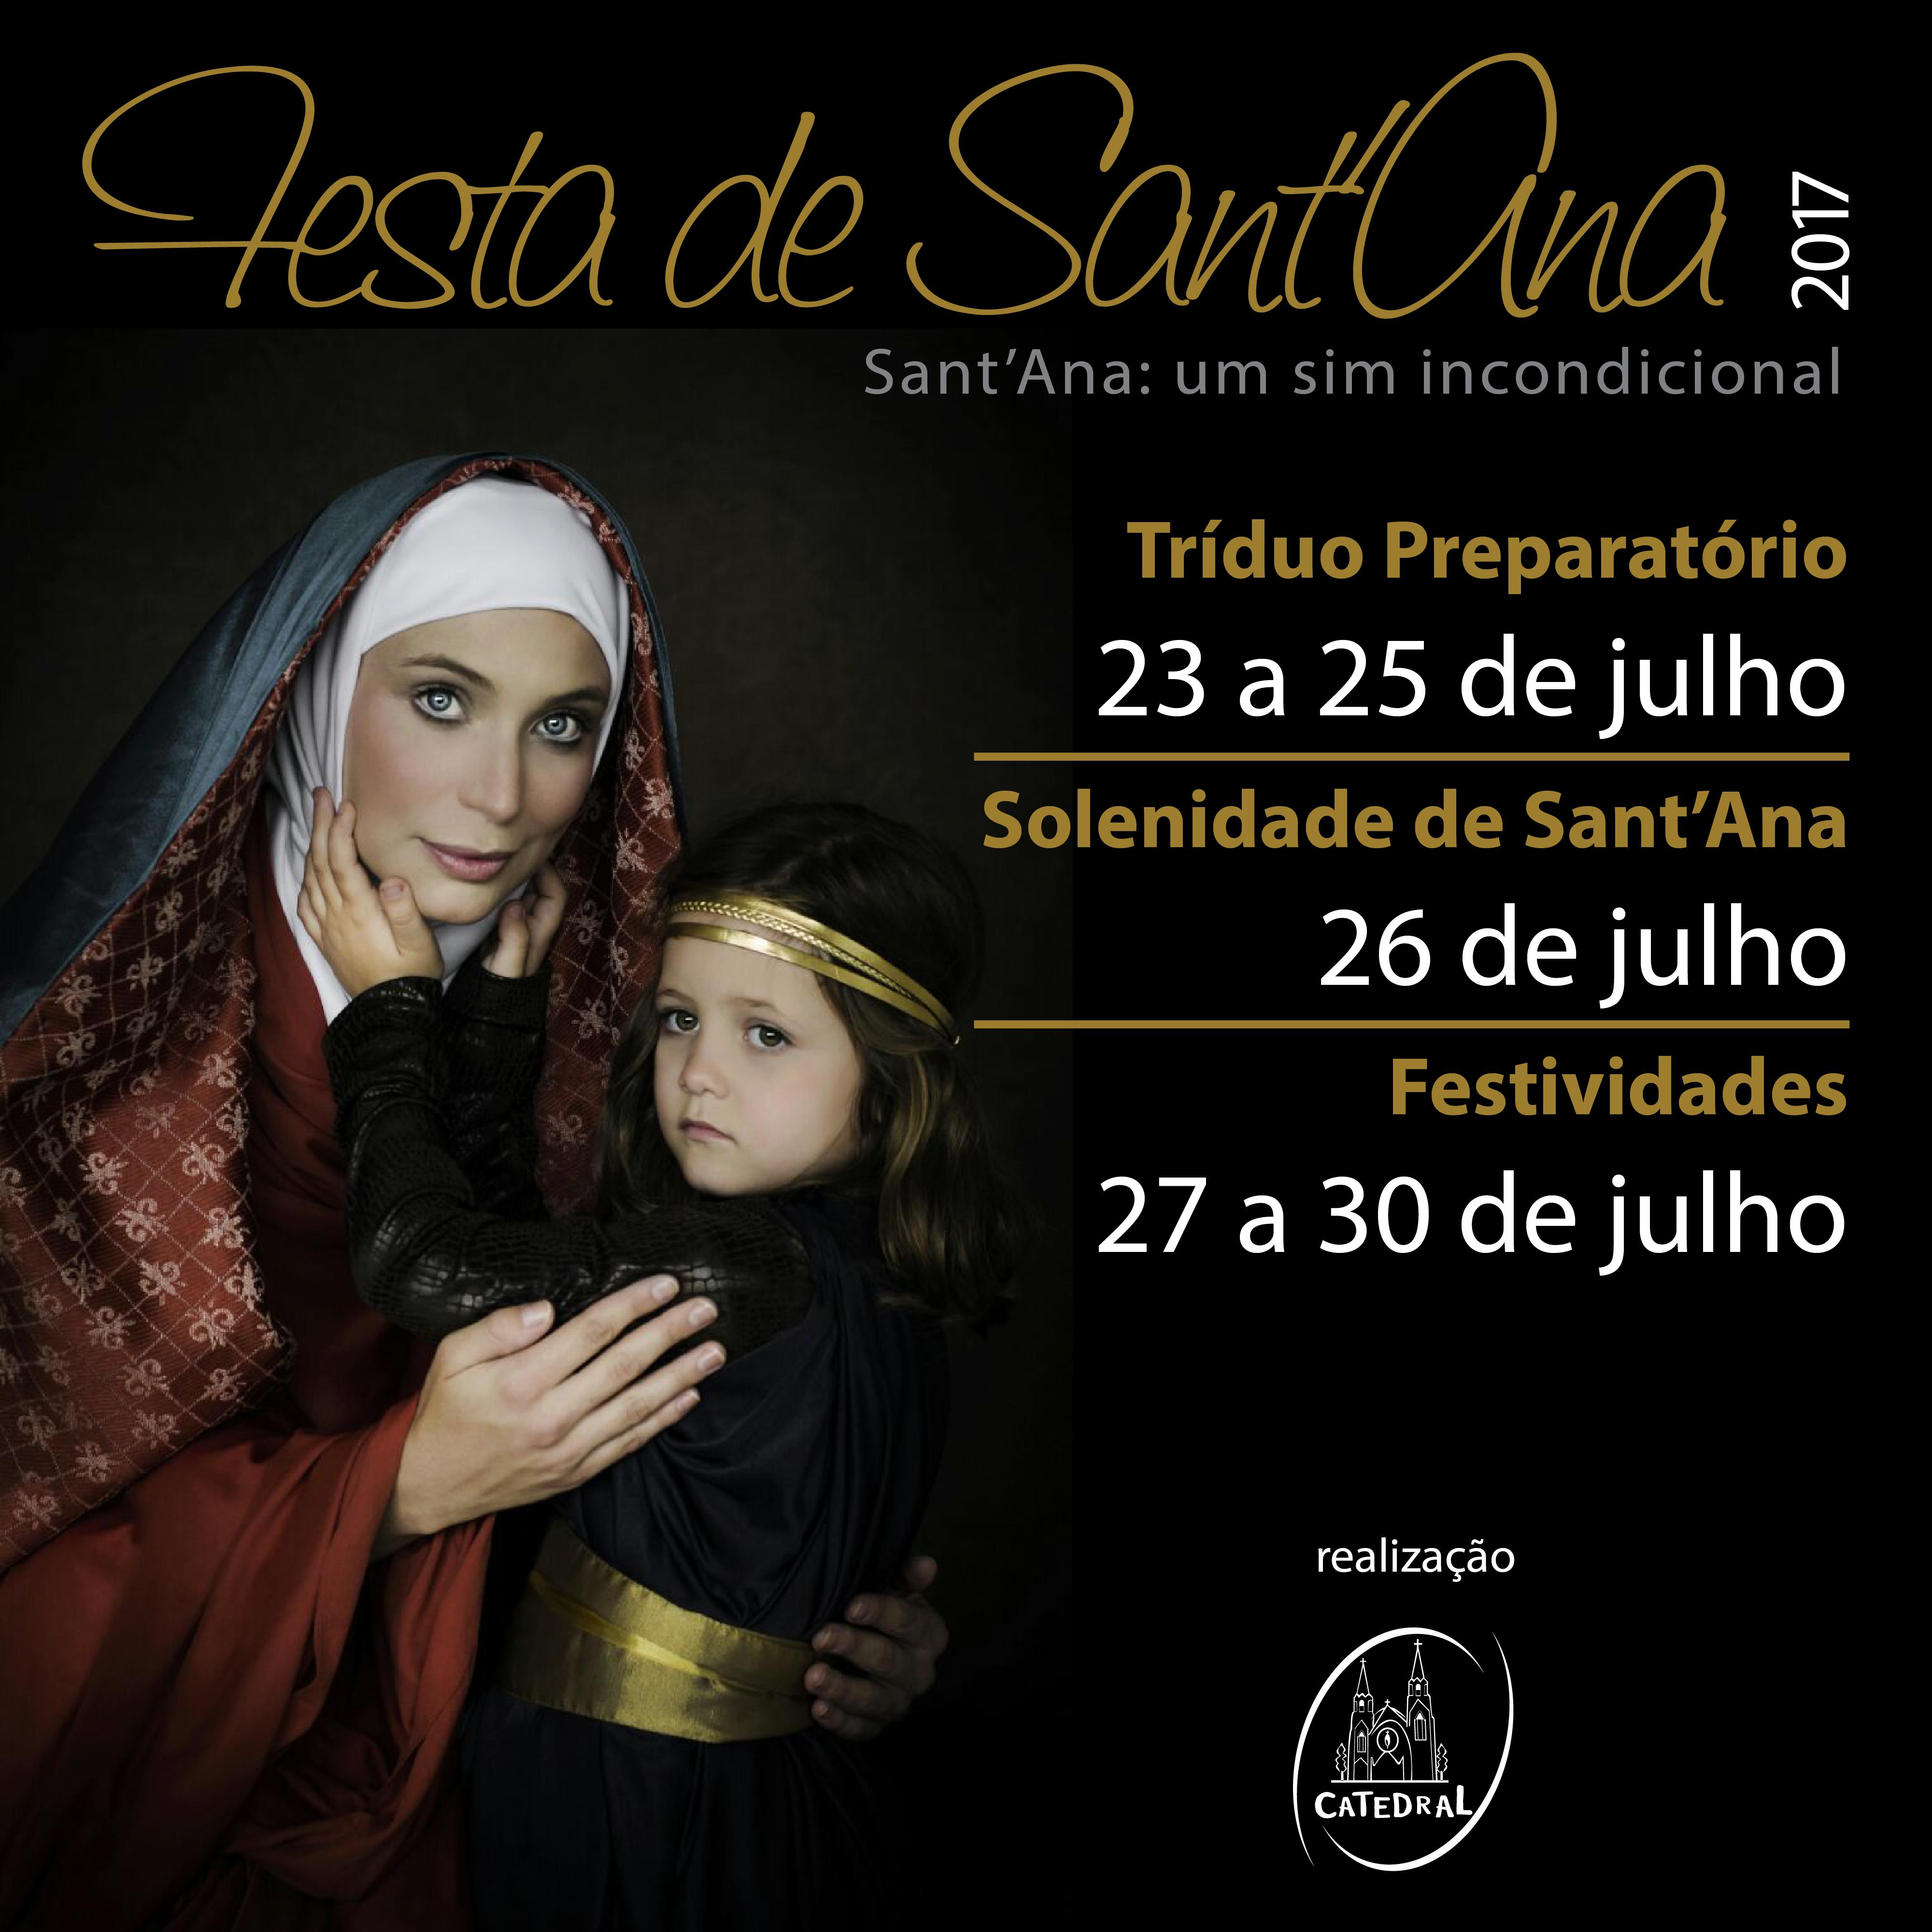 Festa de Sant'Ana: a festa da família